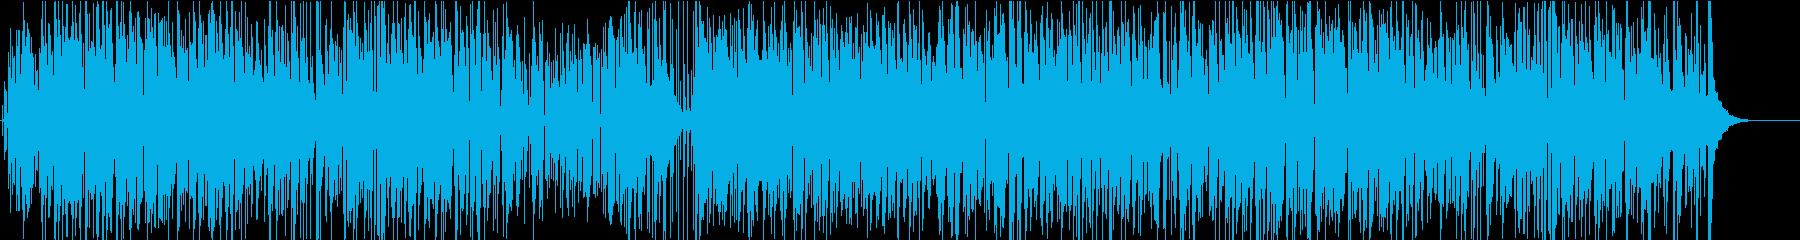 オープニング映像にジャズピアノでボサノバの再生済みの波形